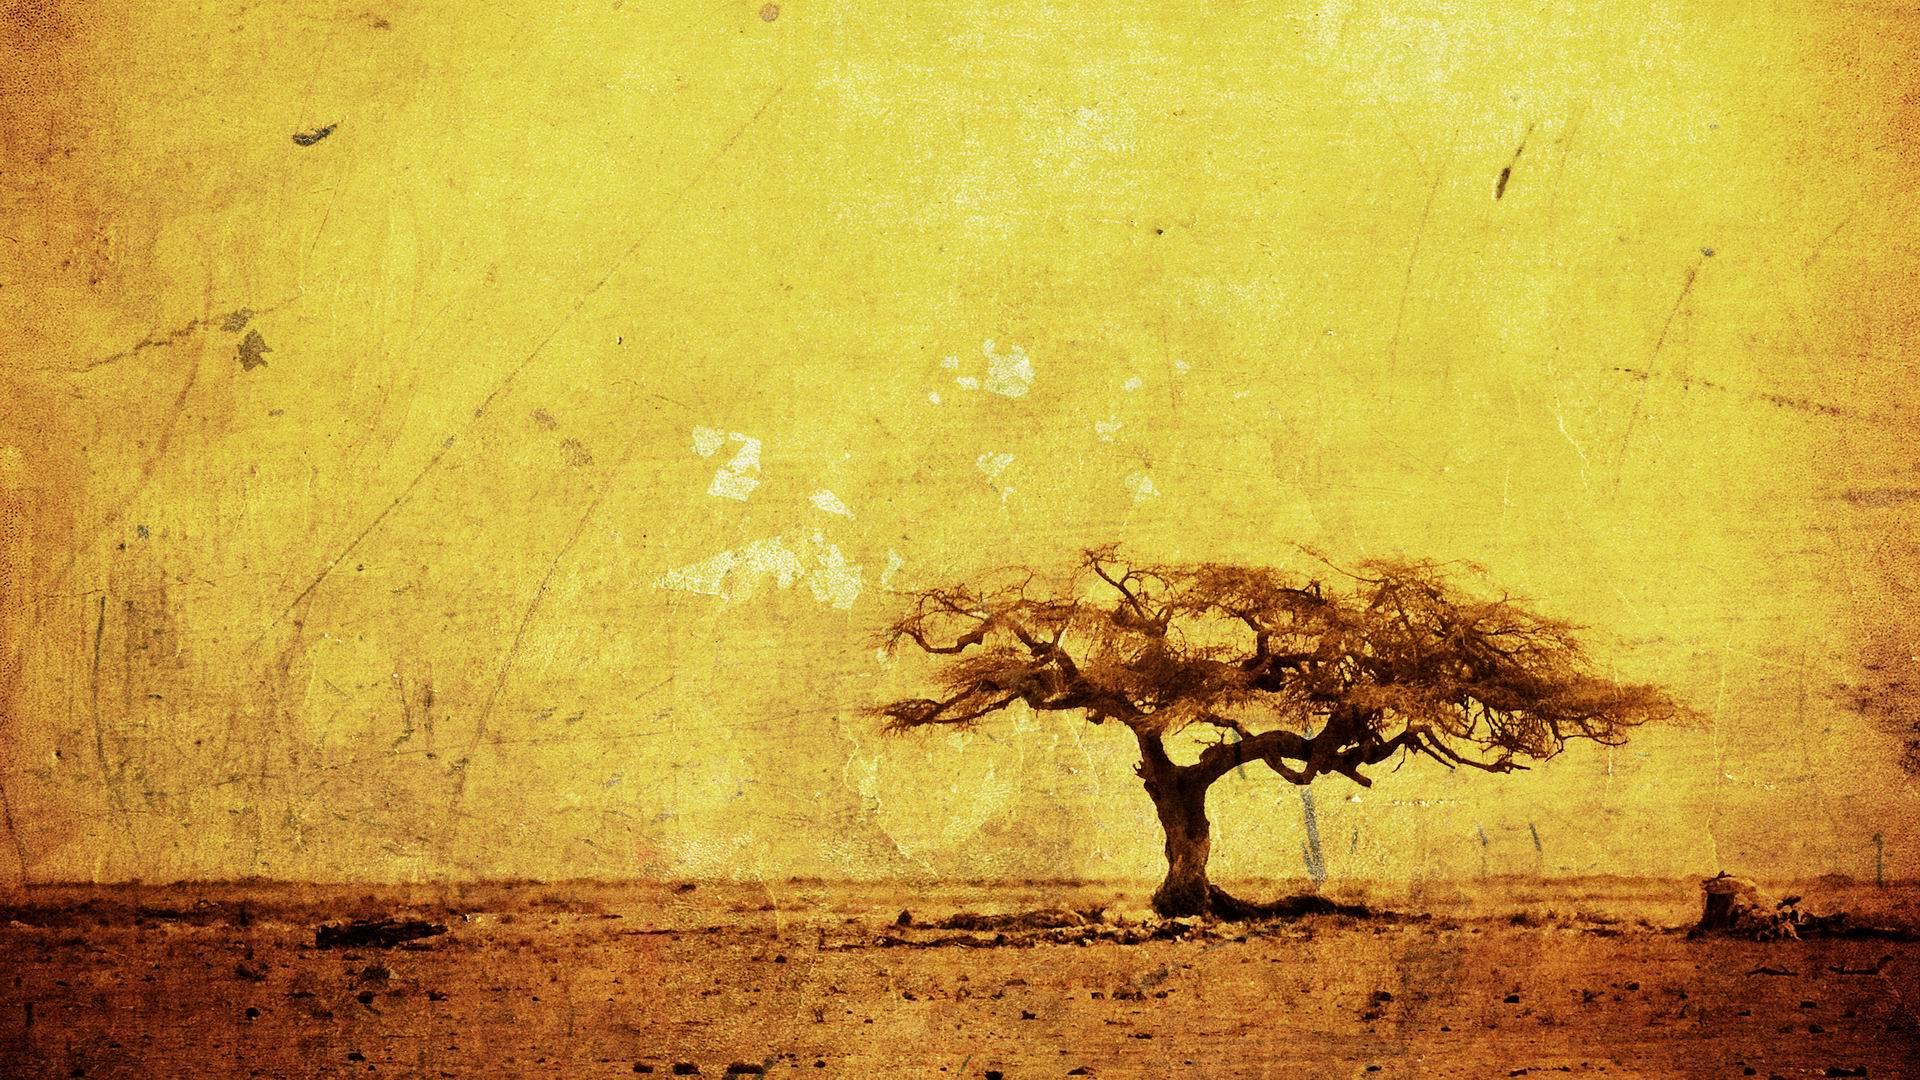 thanksgiving hd wallpaper widescreen 1920x1080 - photo #40